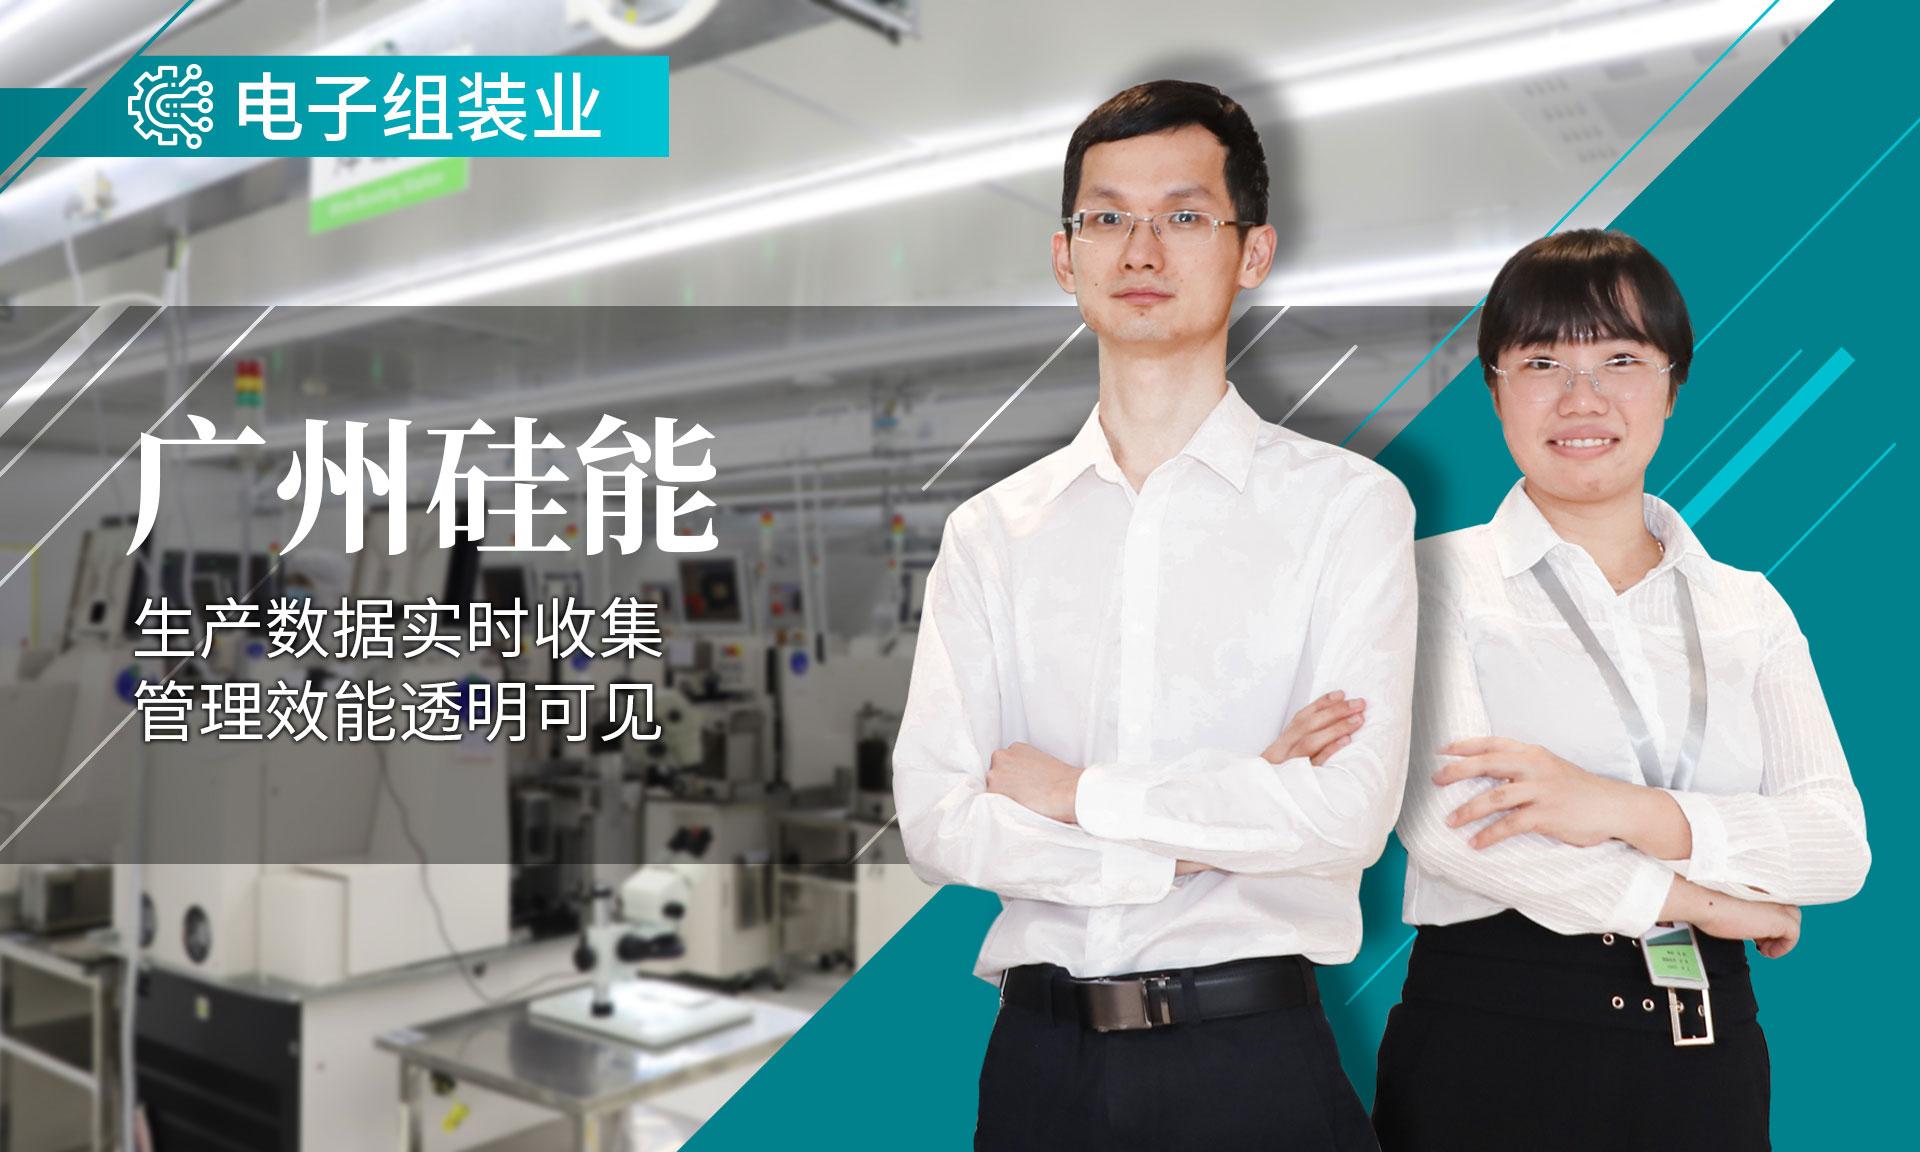 广州硅能-引入鼎捷系统,实现生产数据实时可见